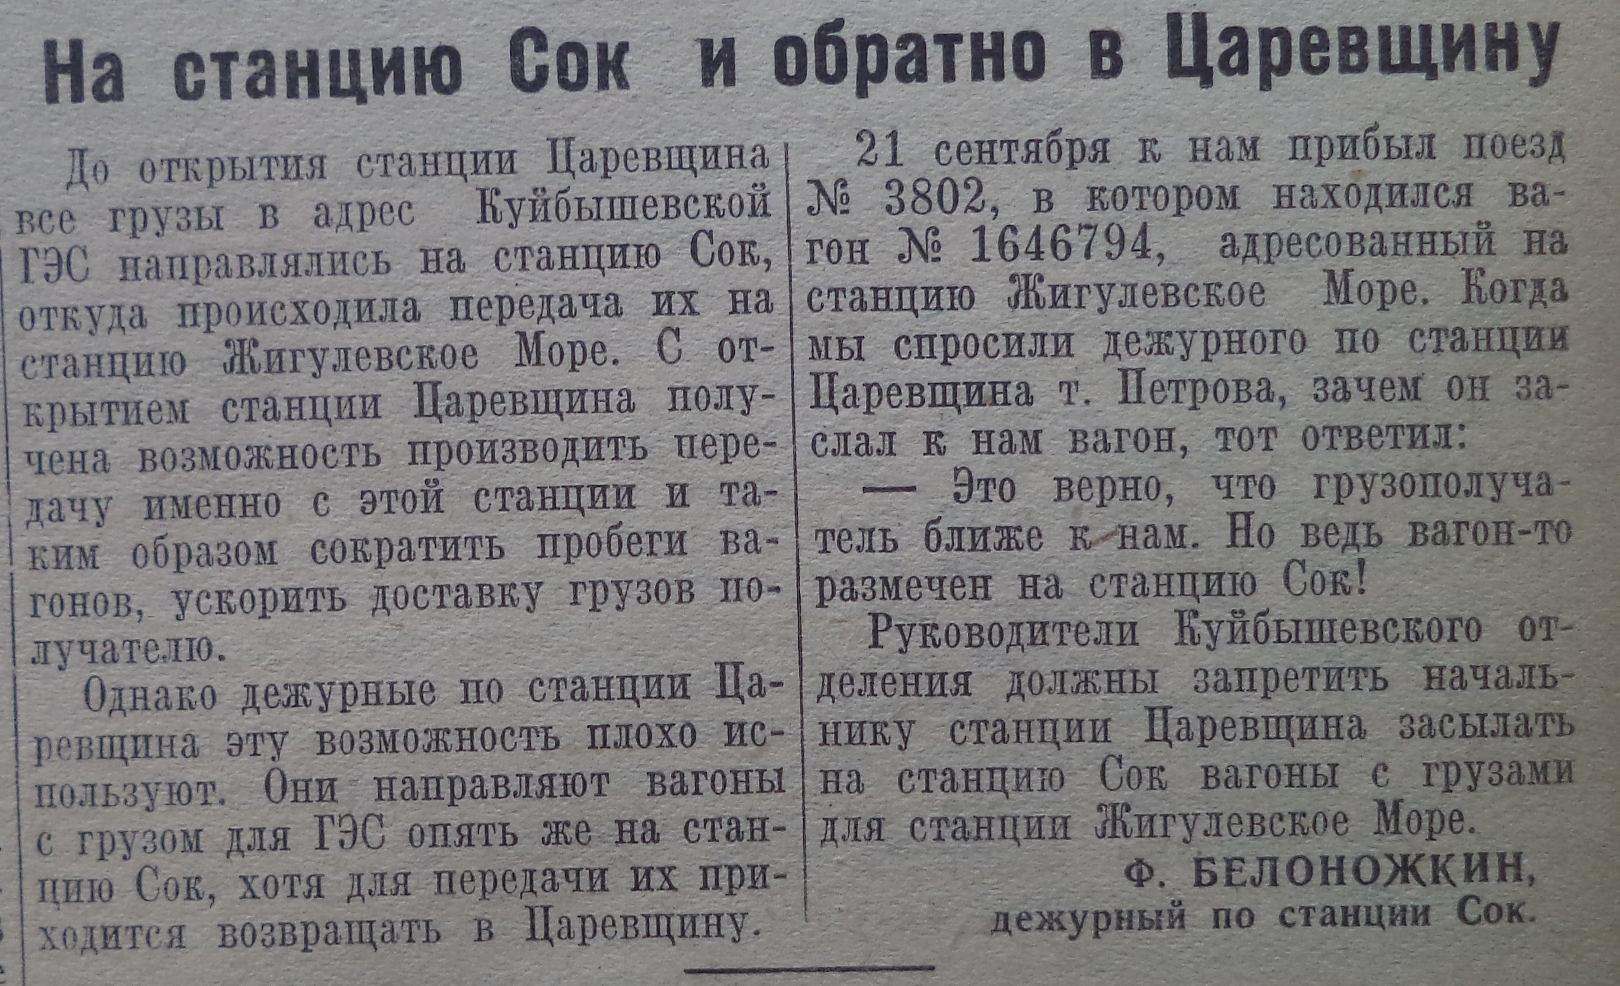 Bolshevistskoe_znamya-1957-1_oktyabrya-min